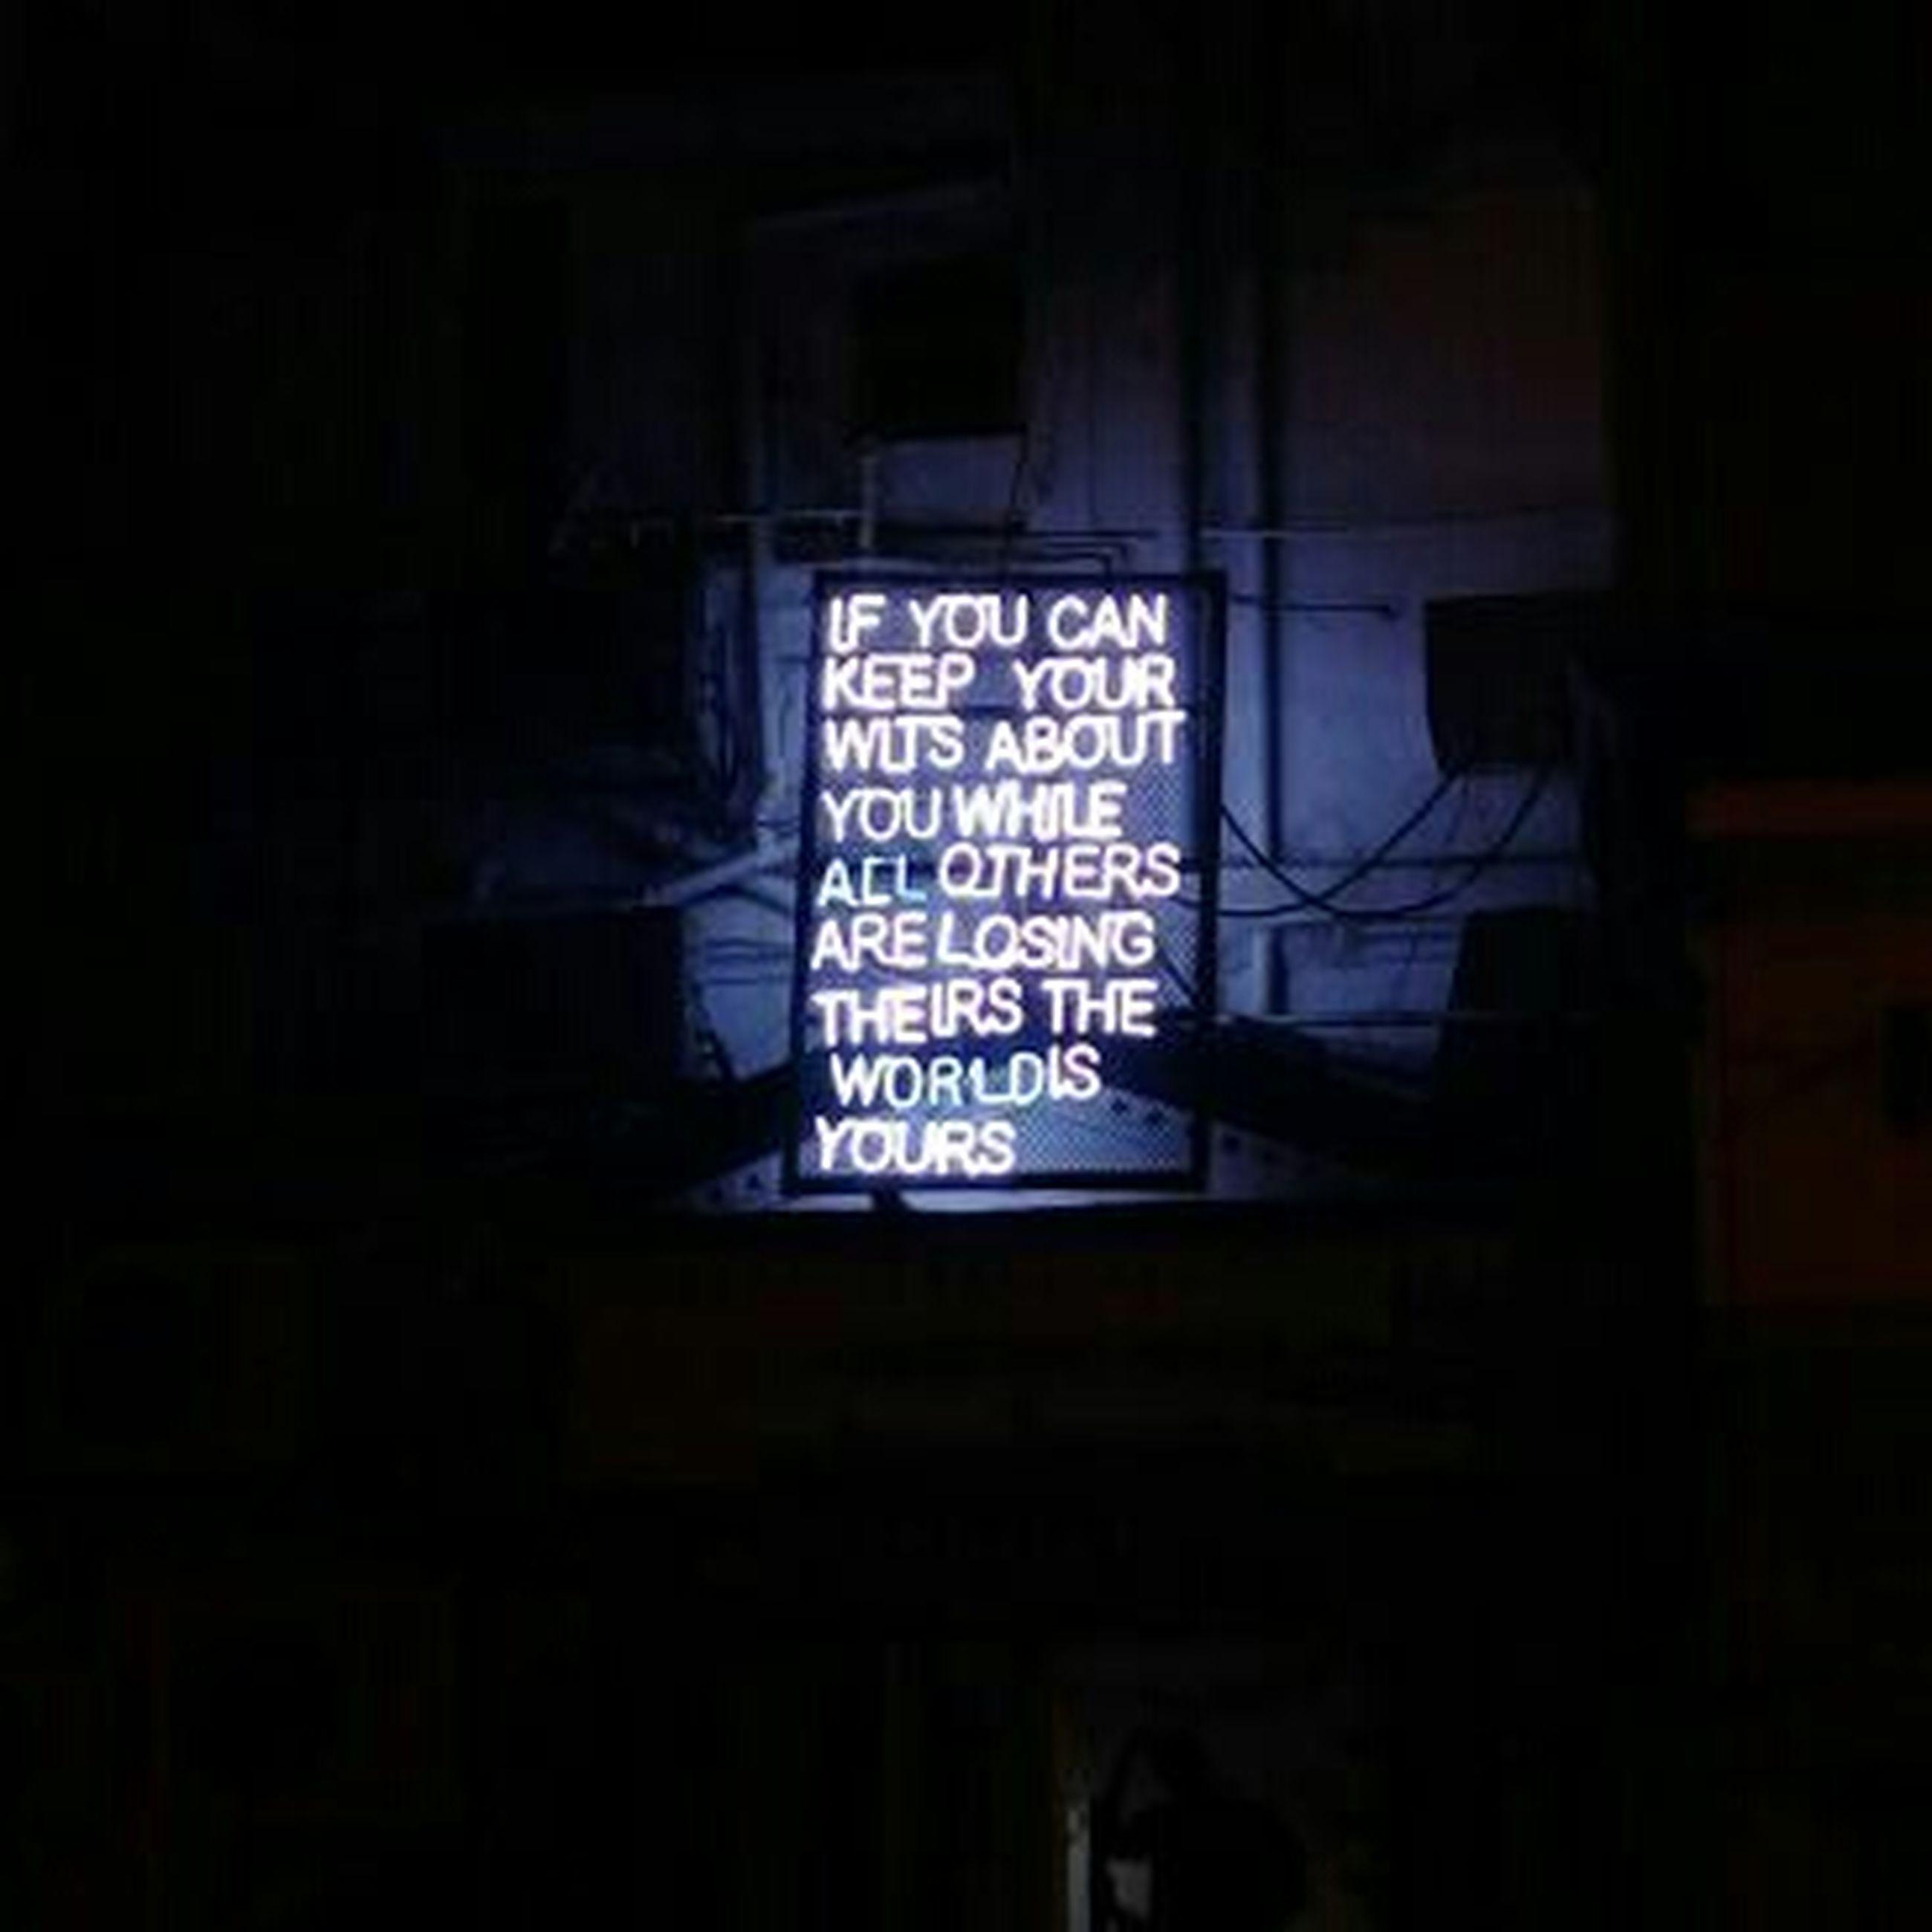 illuminated, night, dark, no people, text, neon, outdoors